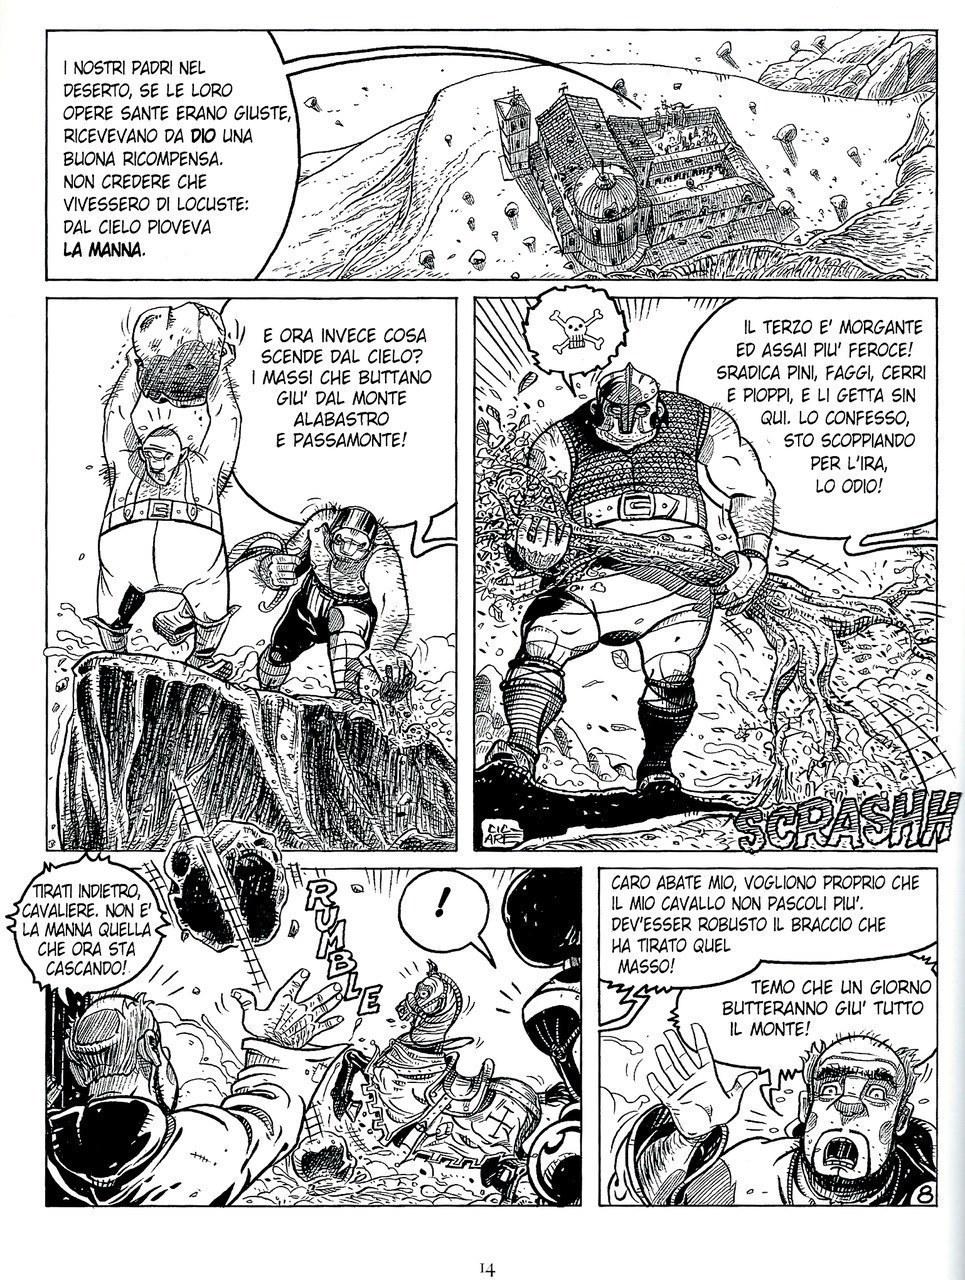 Mauro Cicarè,La caduta della manna, matita e china su carta, 2012, tav. 8 [per gentile concessione dell'autore]